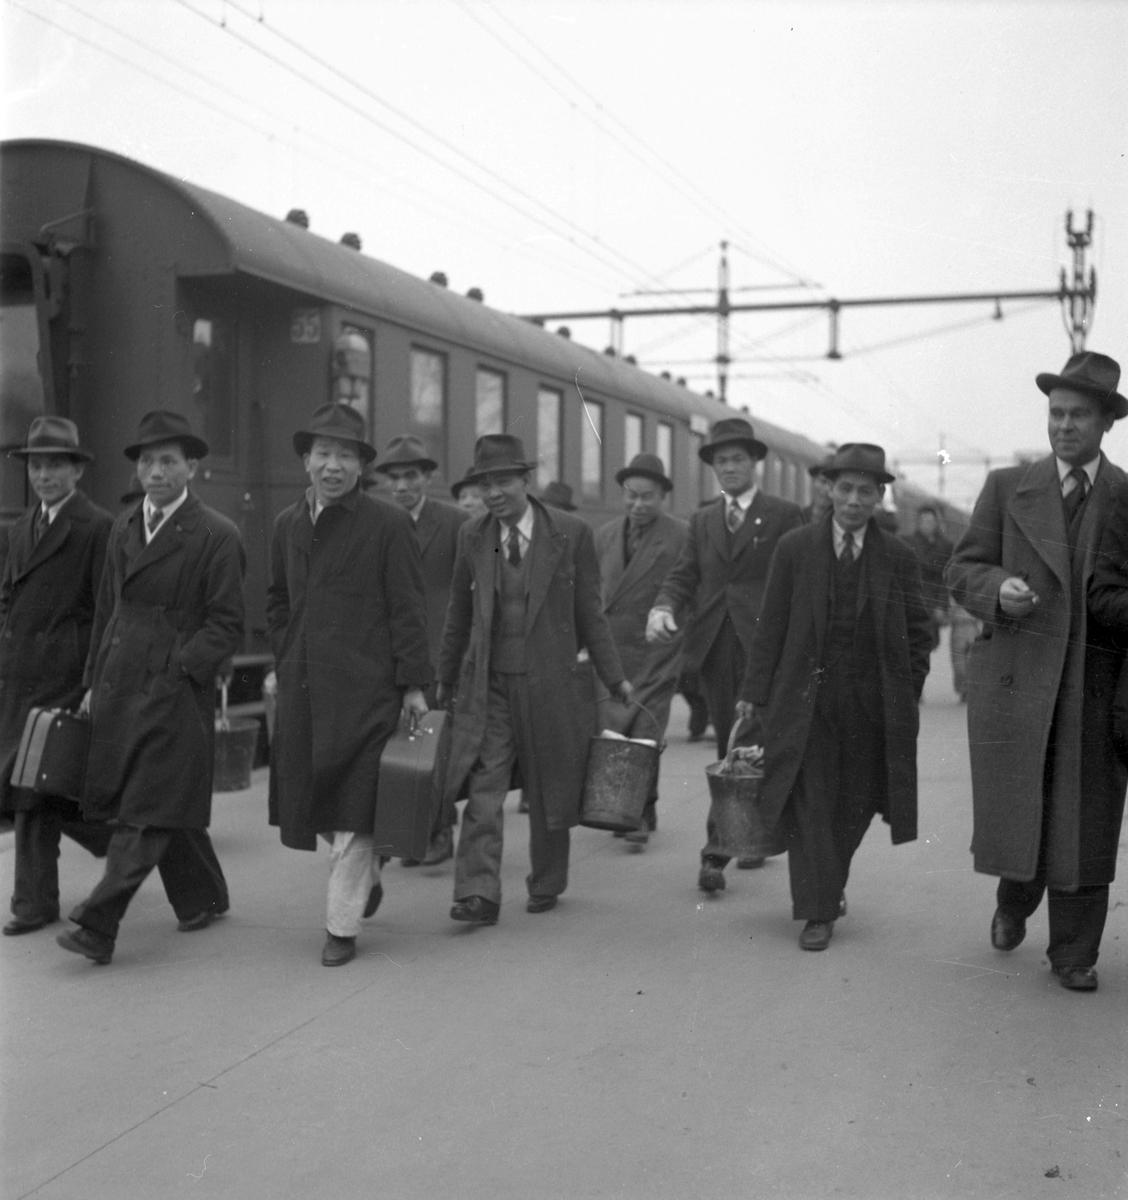 Japaner på centralplan utanför järnvägsstation